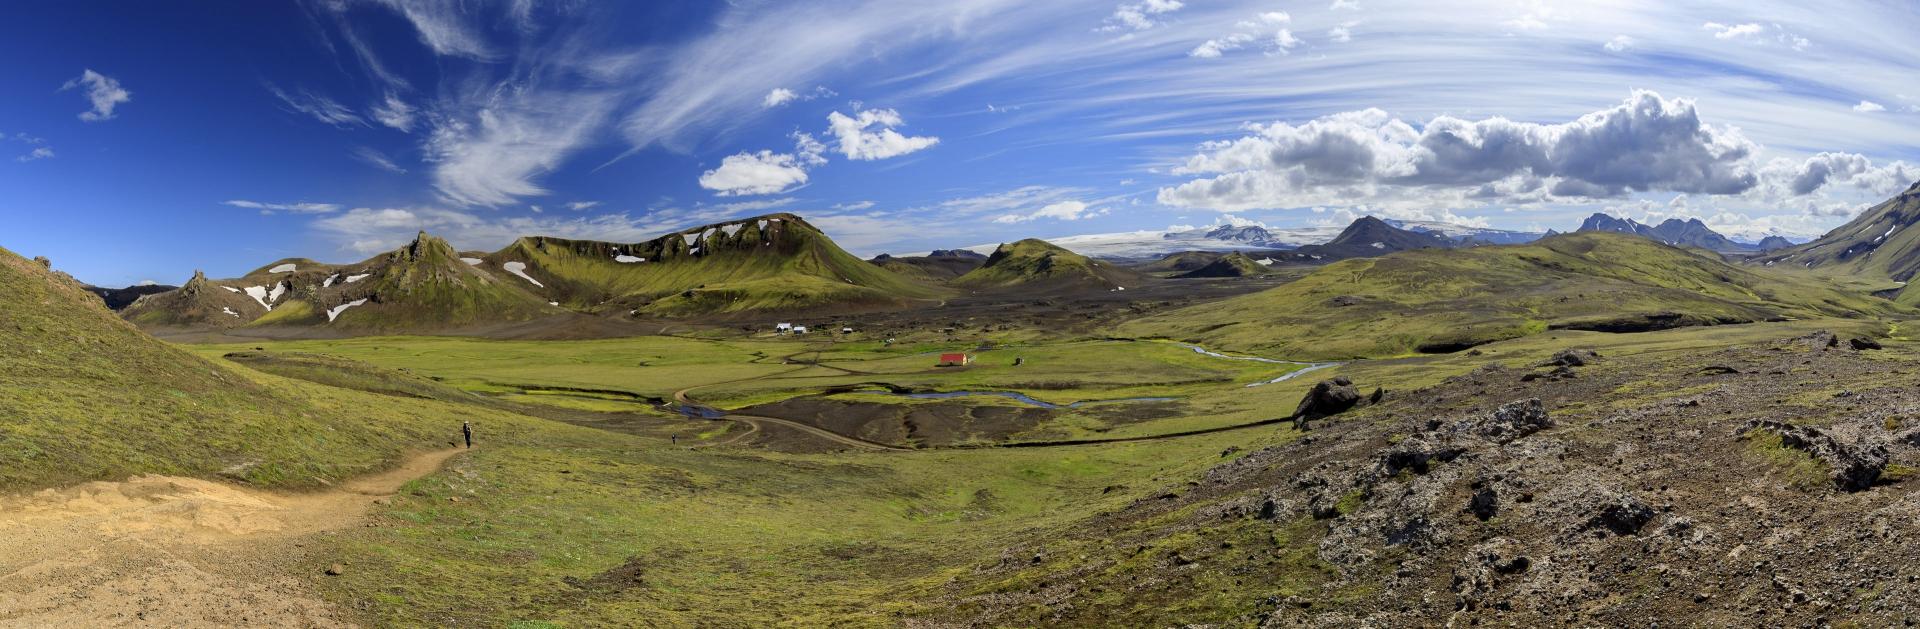 Camp Hvanngil mit Hvanngilshausar und im Hintergrund der Mýrdalsjökull und der Eyjafjallajökull